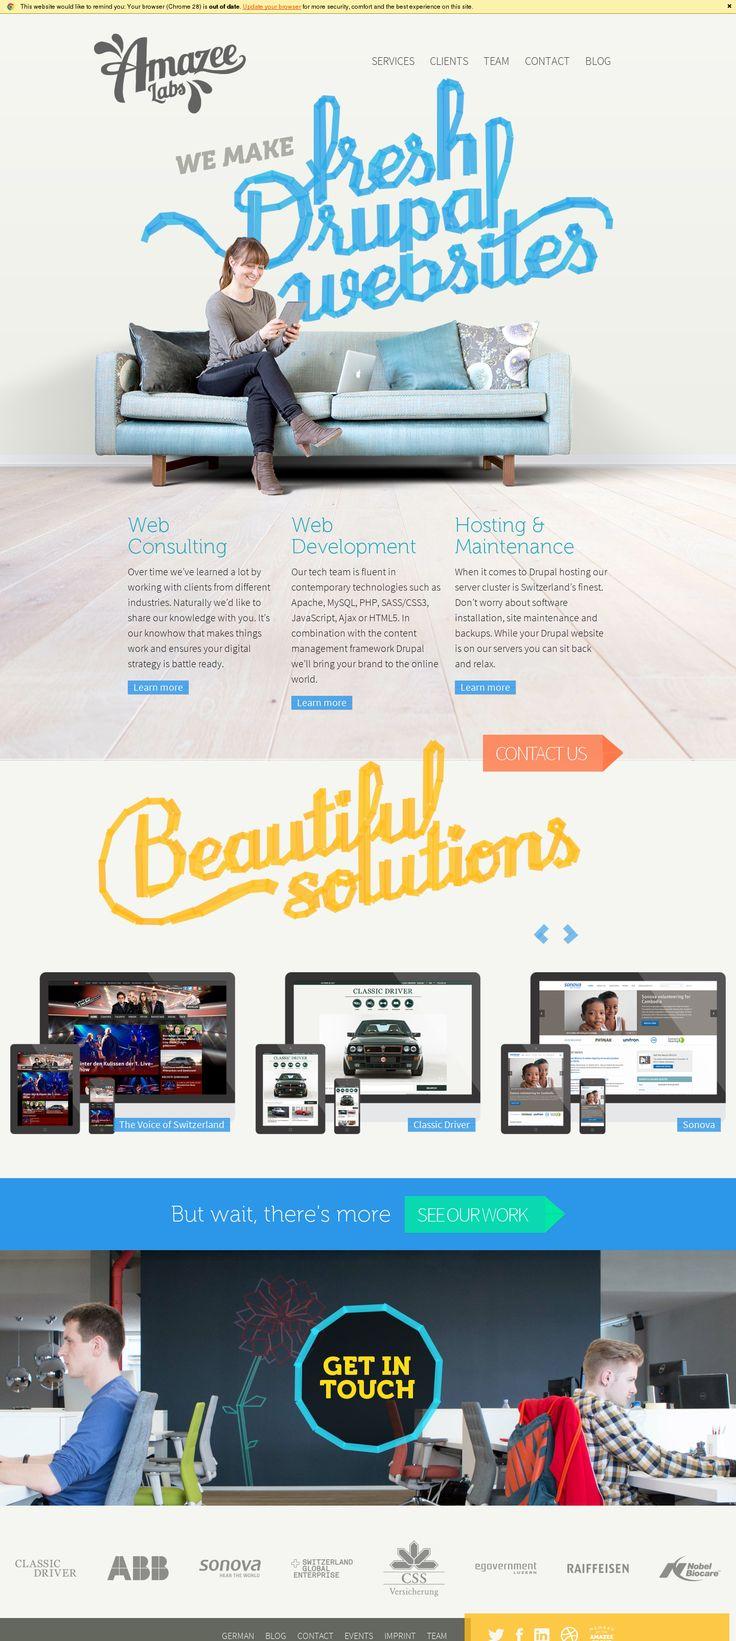 Screenshots of http://www.amazeelabs.com/en - URLCAP